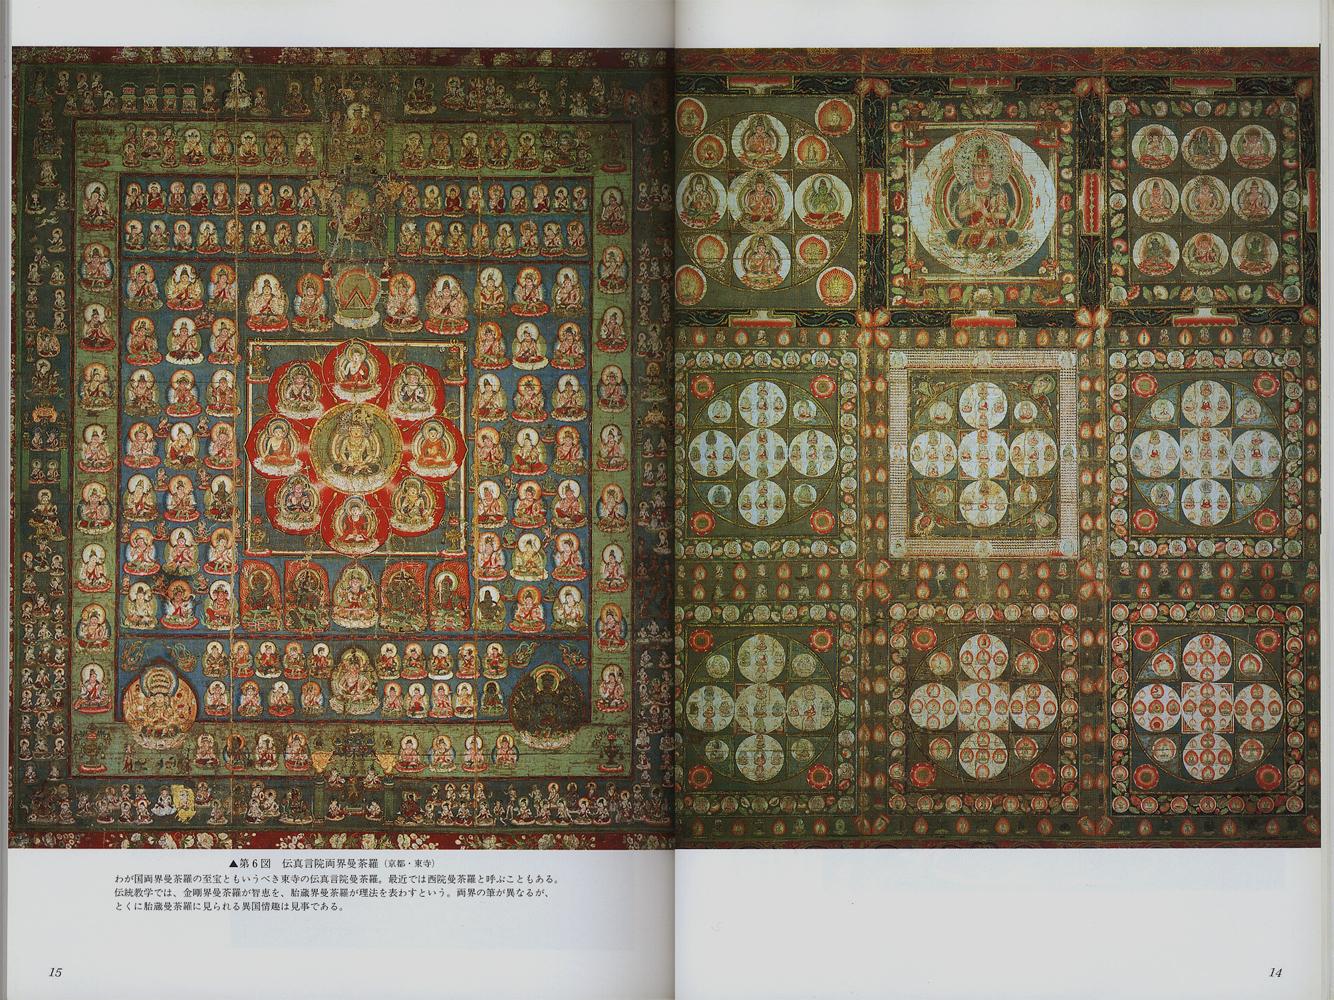 曼荼羅の鑑賞基礎知識[image2]